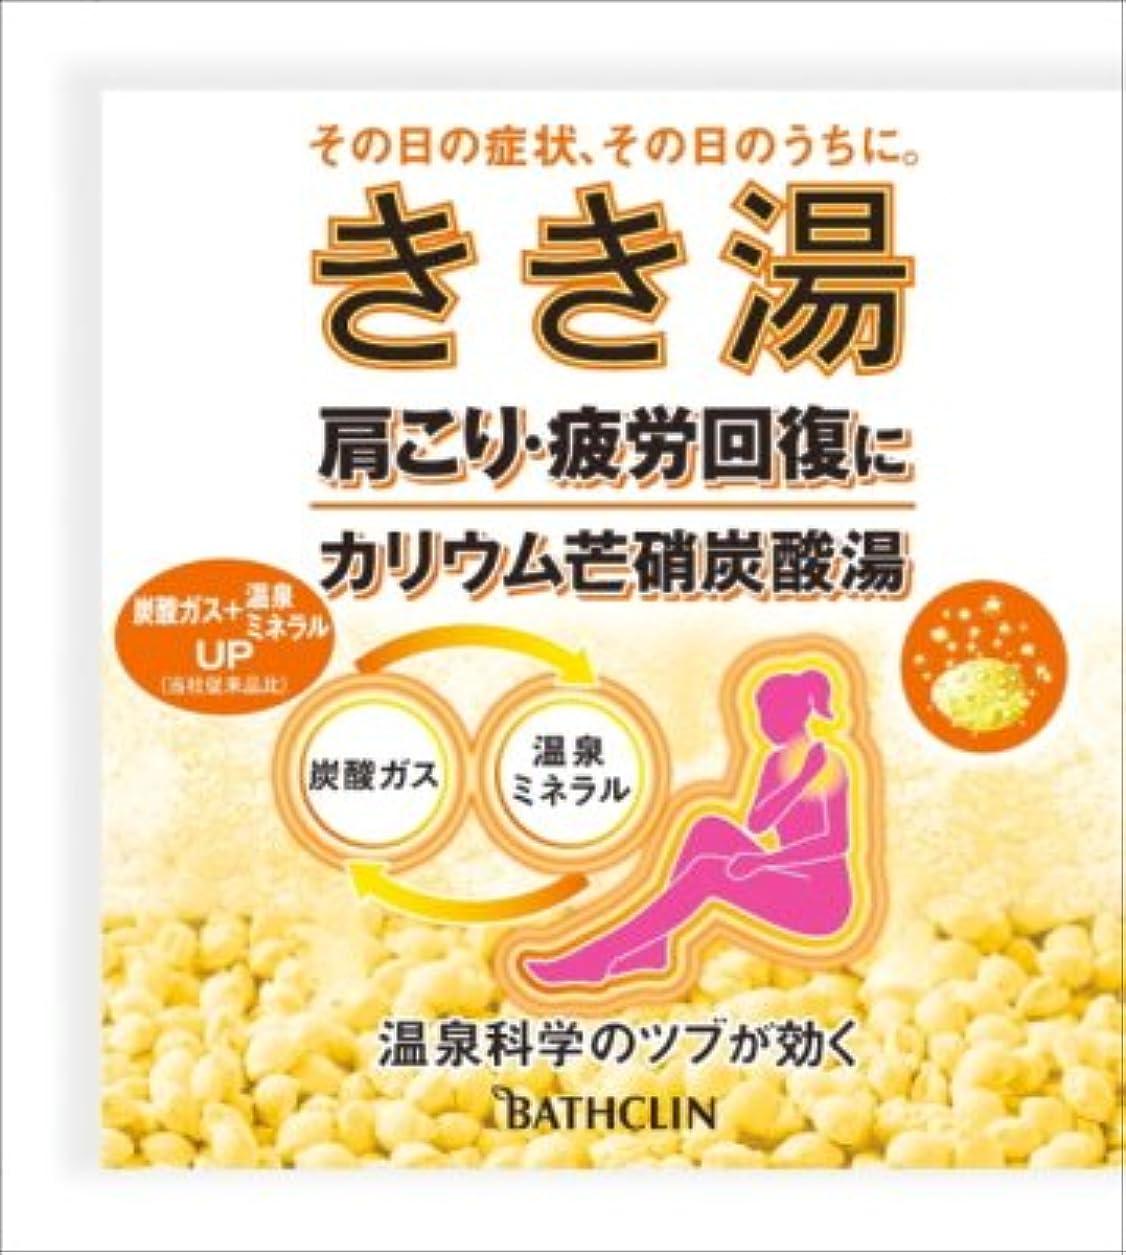 巡礼者ハチ擁するバスクリン きき湯 カリウム芒硝炭酸湯 30g(入浴剤)×120個セット